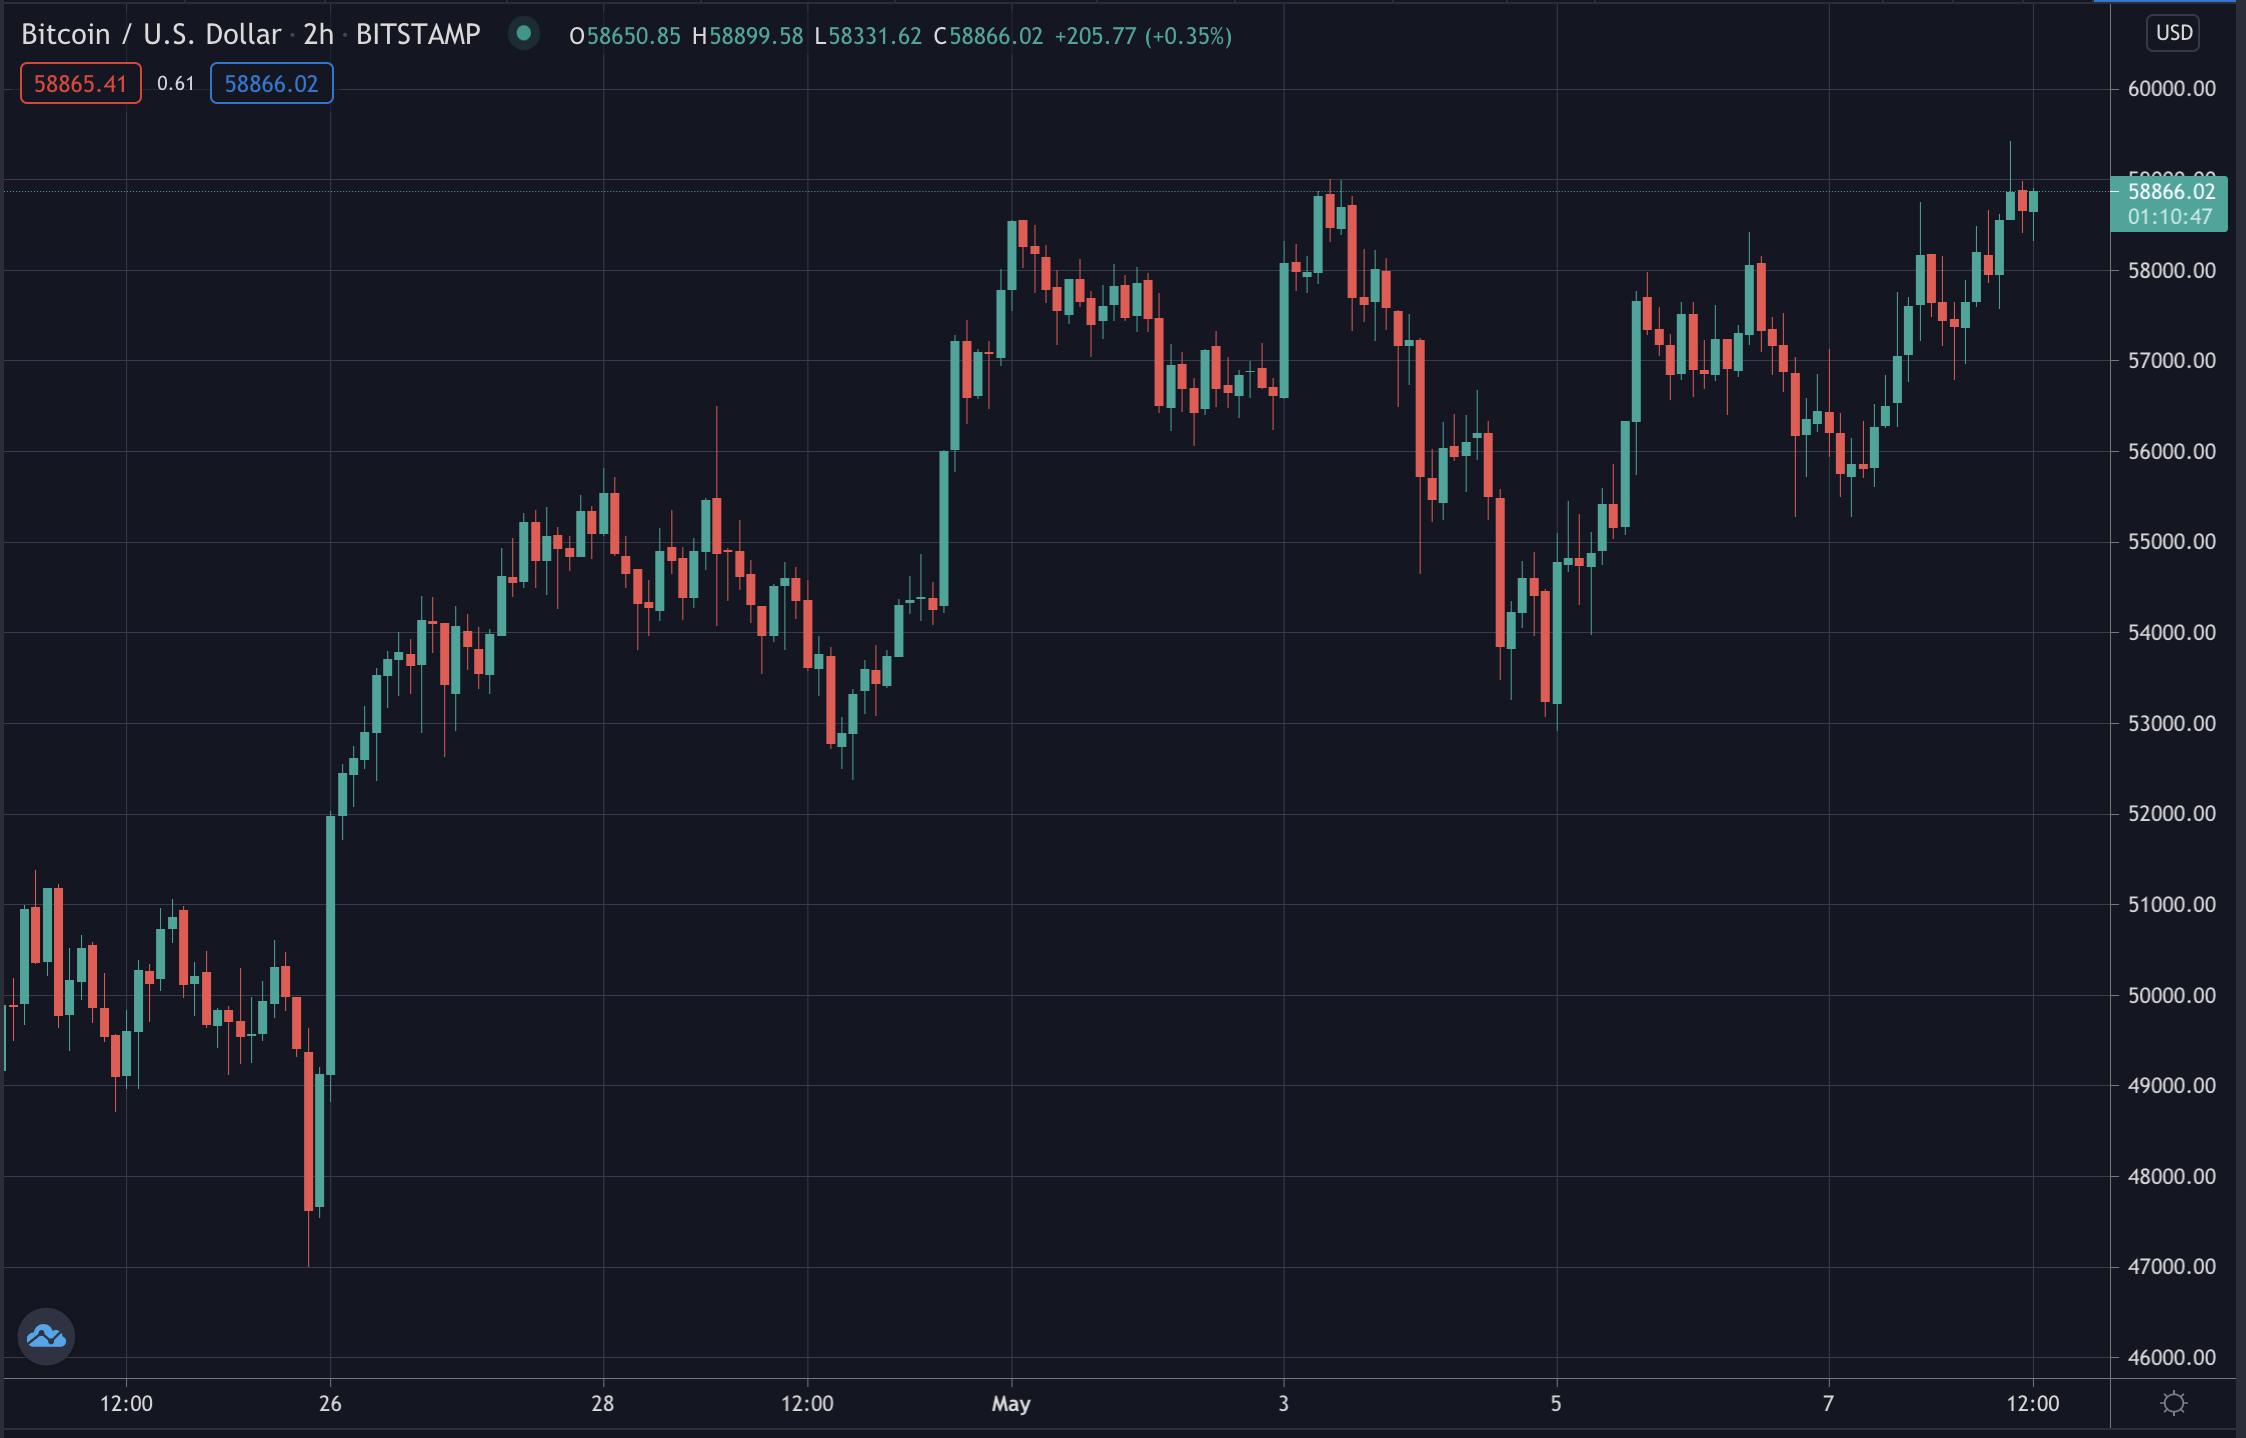 Bitcoin Nears $60,000